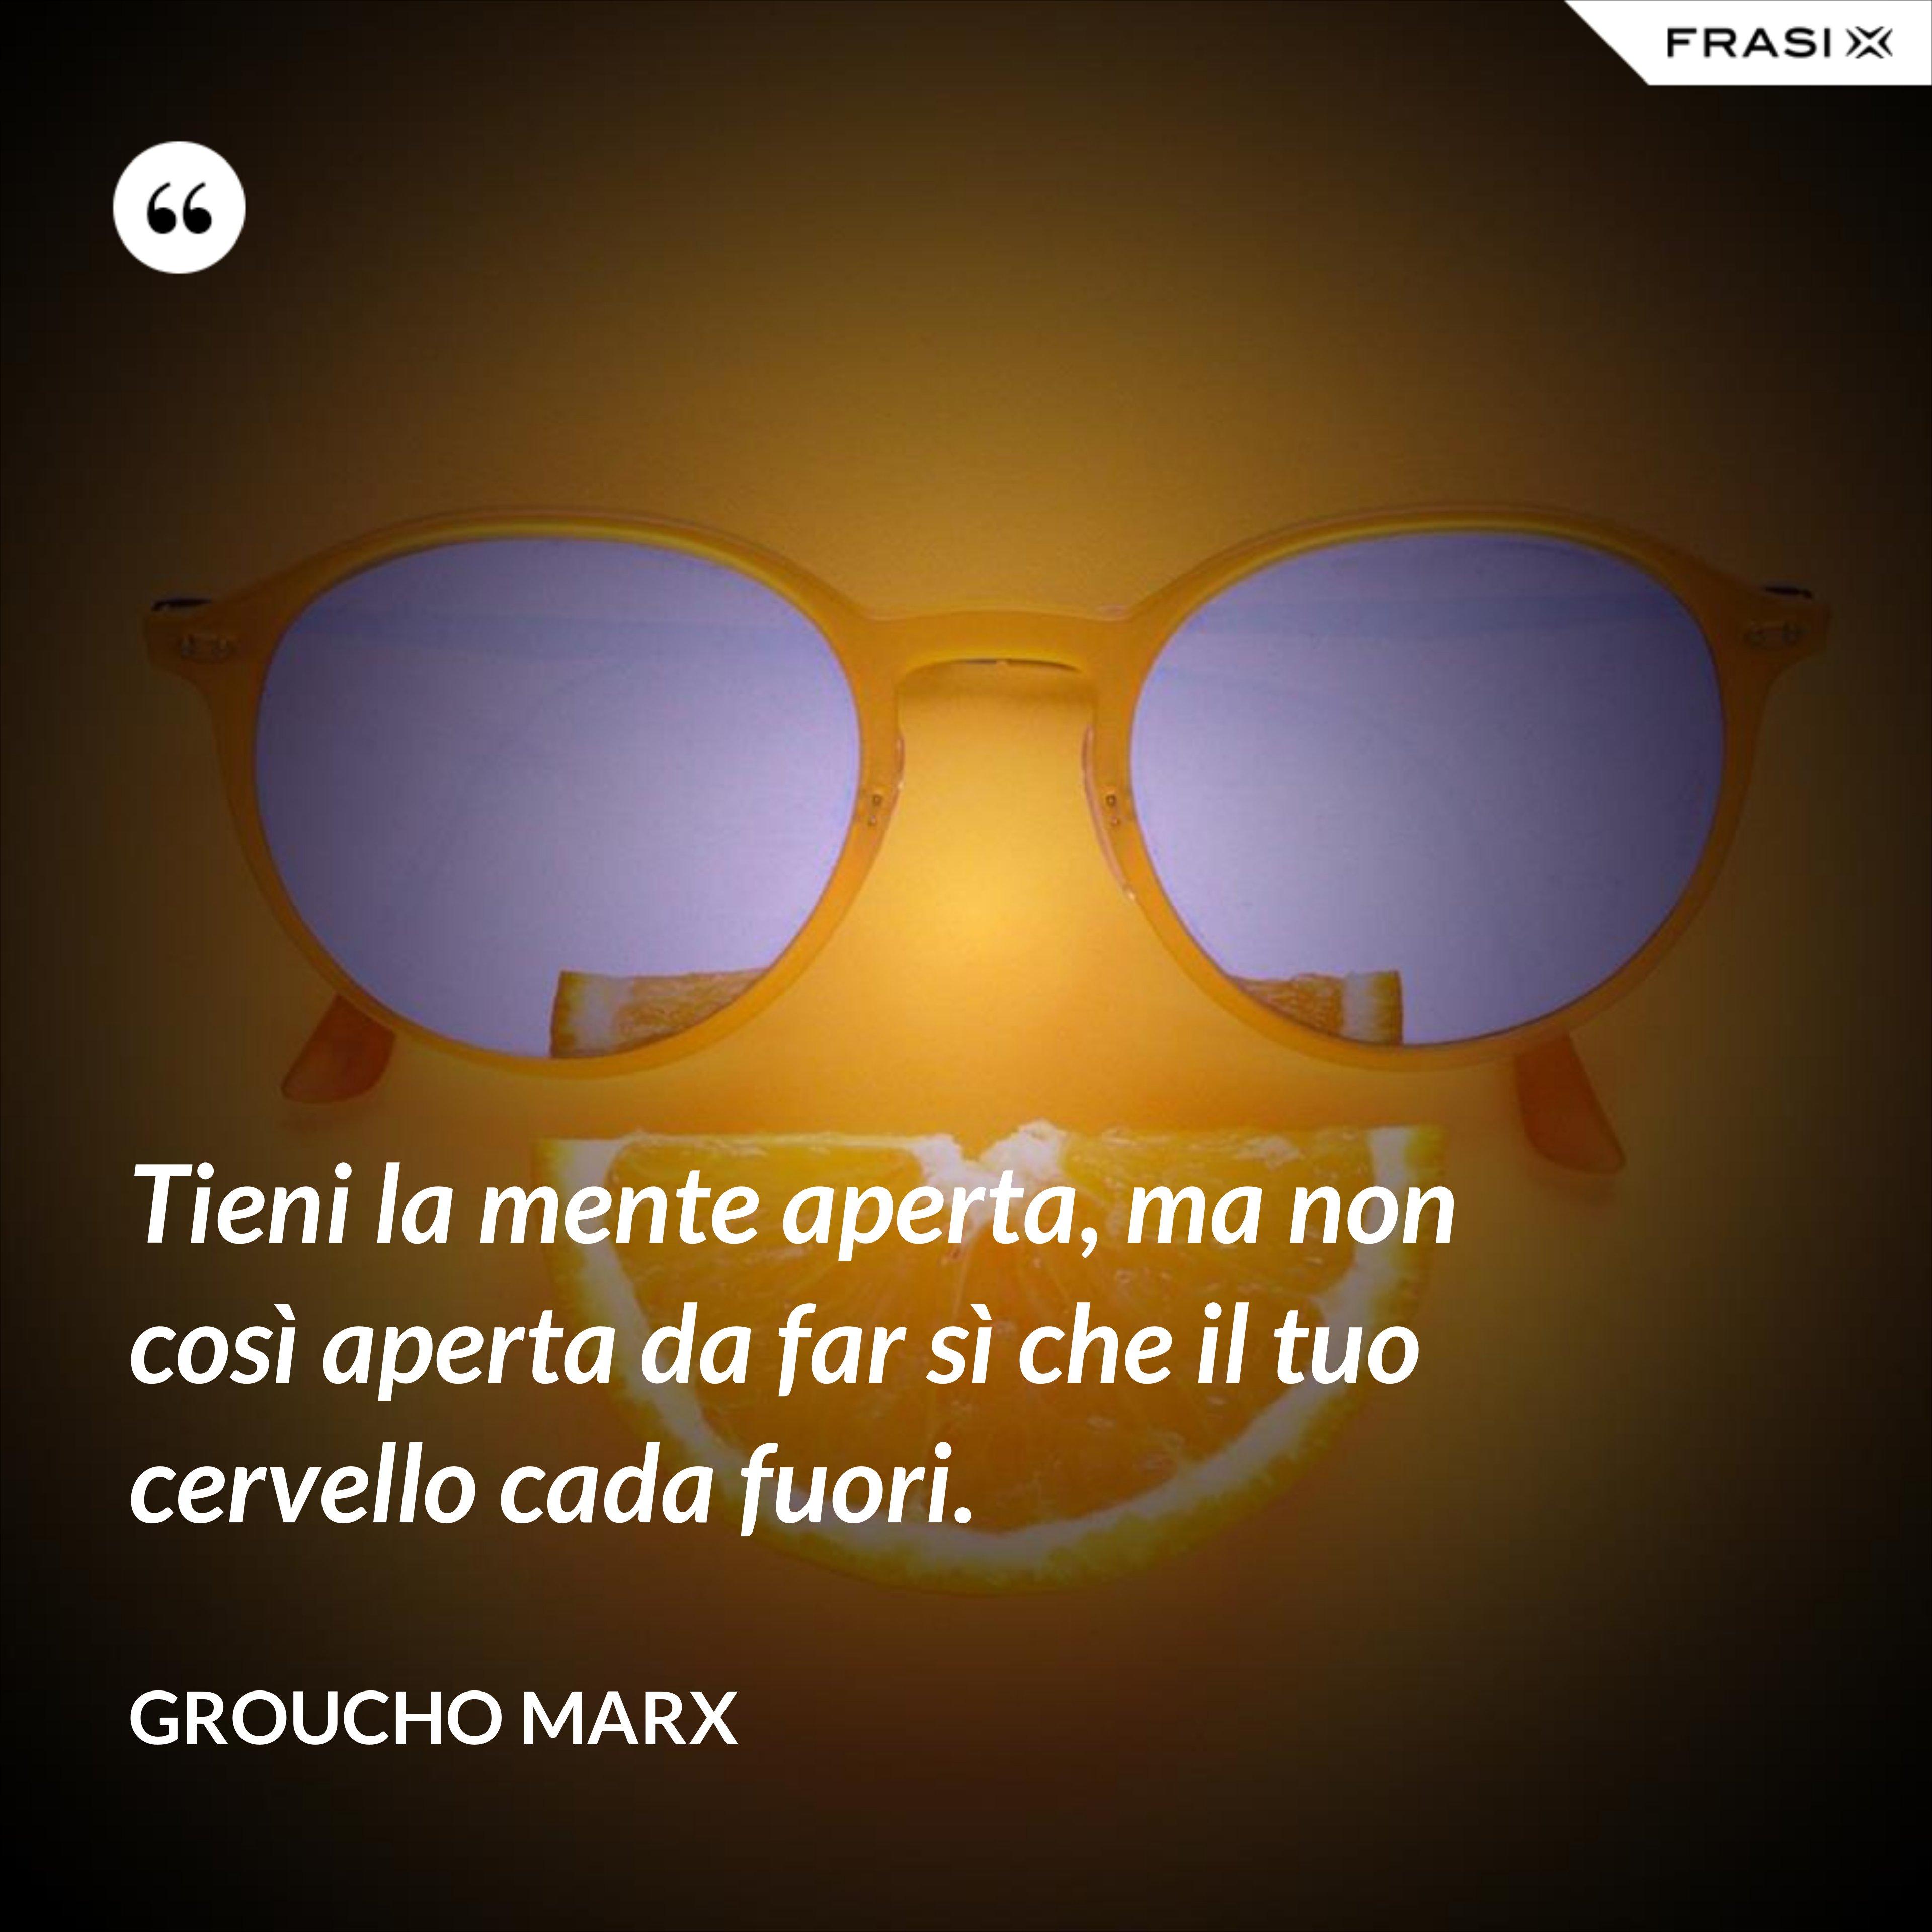 Tieni la mente aperta, ma non così aperta da far sì che il tuo cervello cada fuori. - Groucho Marx